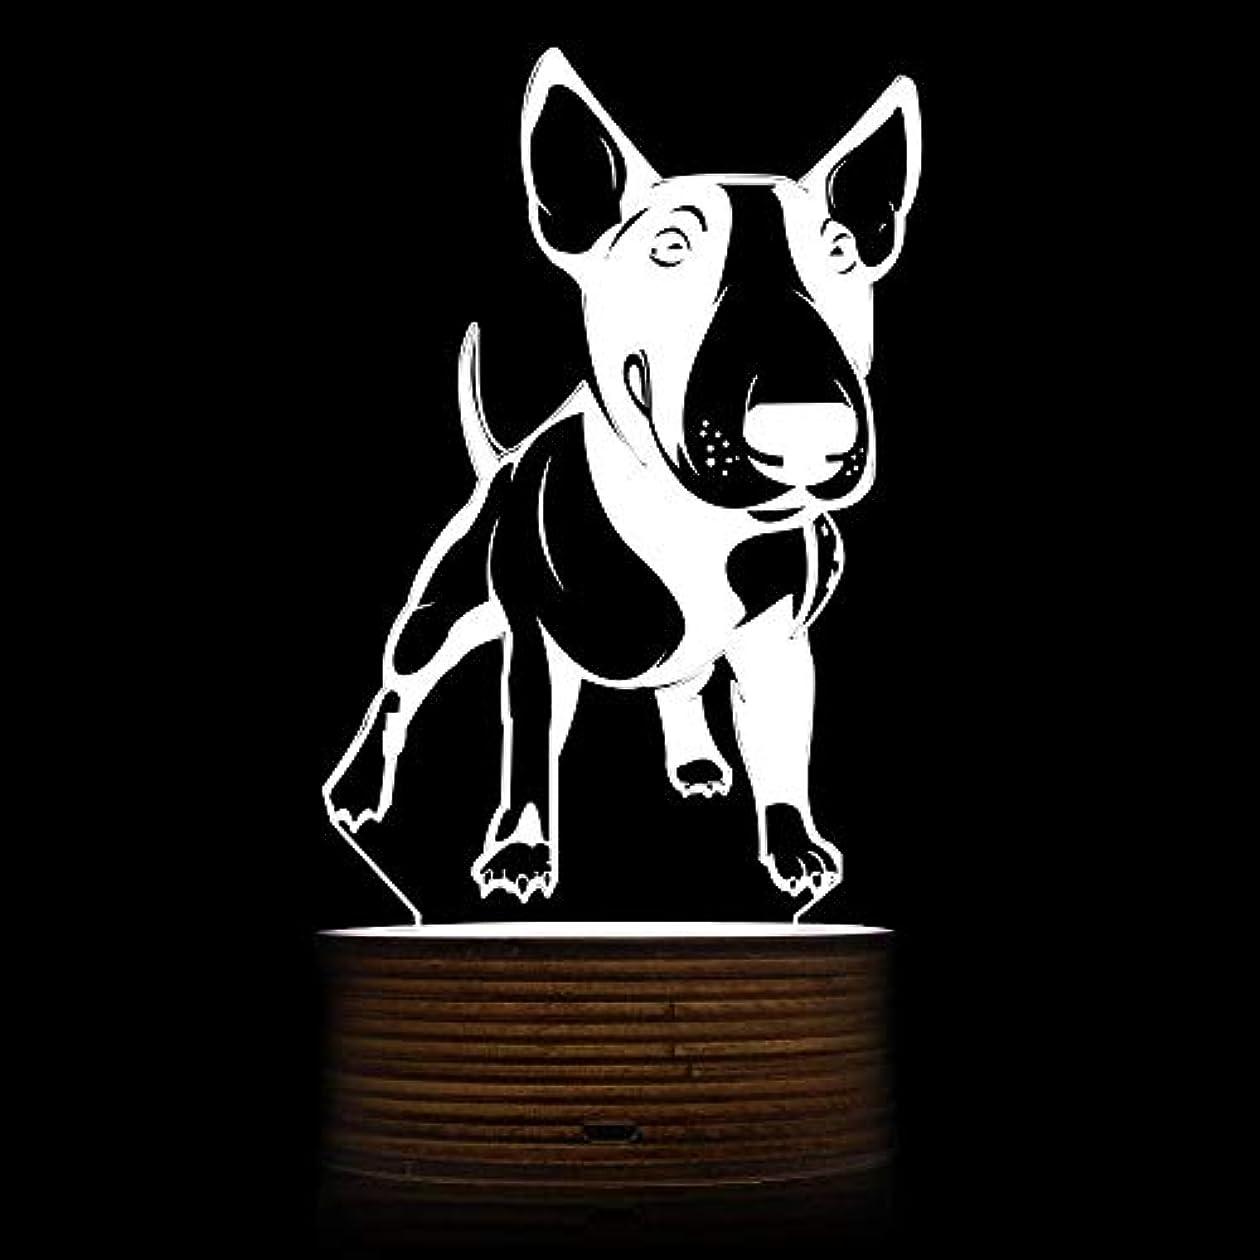 うぬぼれ魅惑する遠征ブルテリアLEDナイトライト3D装飾照明カラーアクリルライトギフト用犬愛好家、ブルテリア